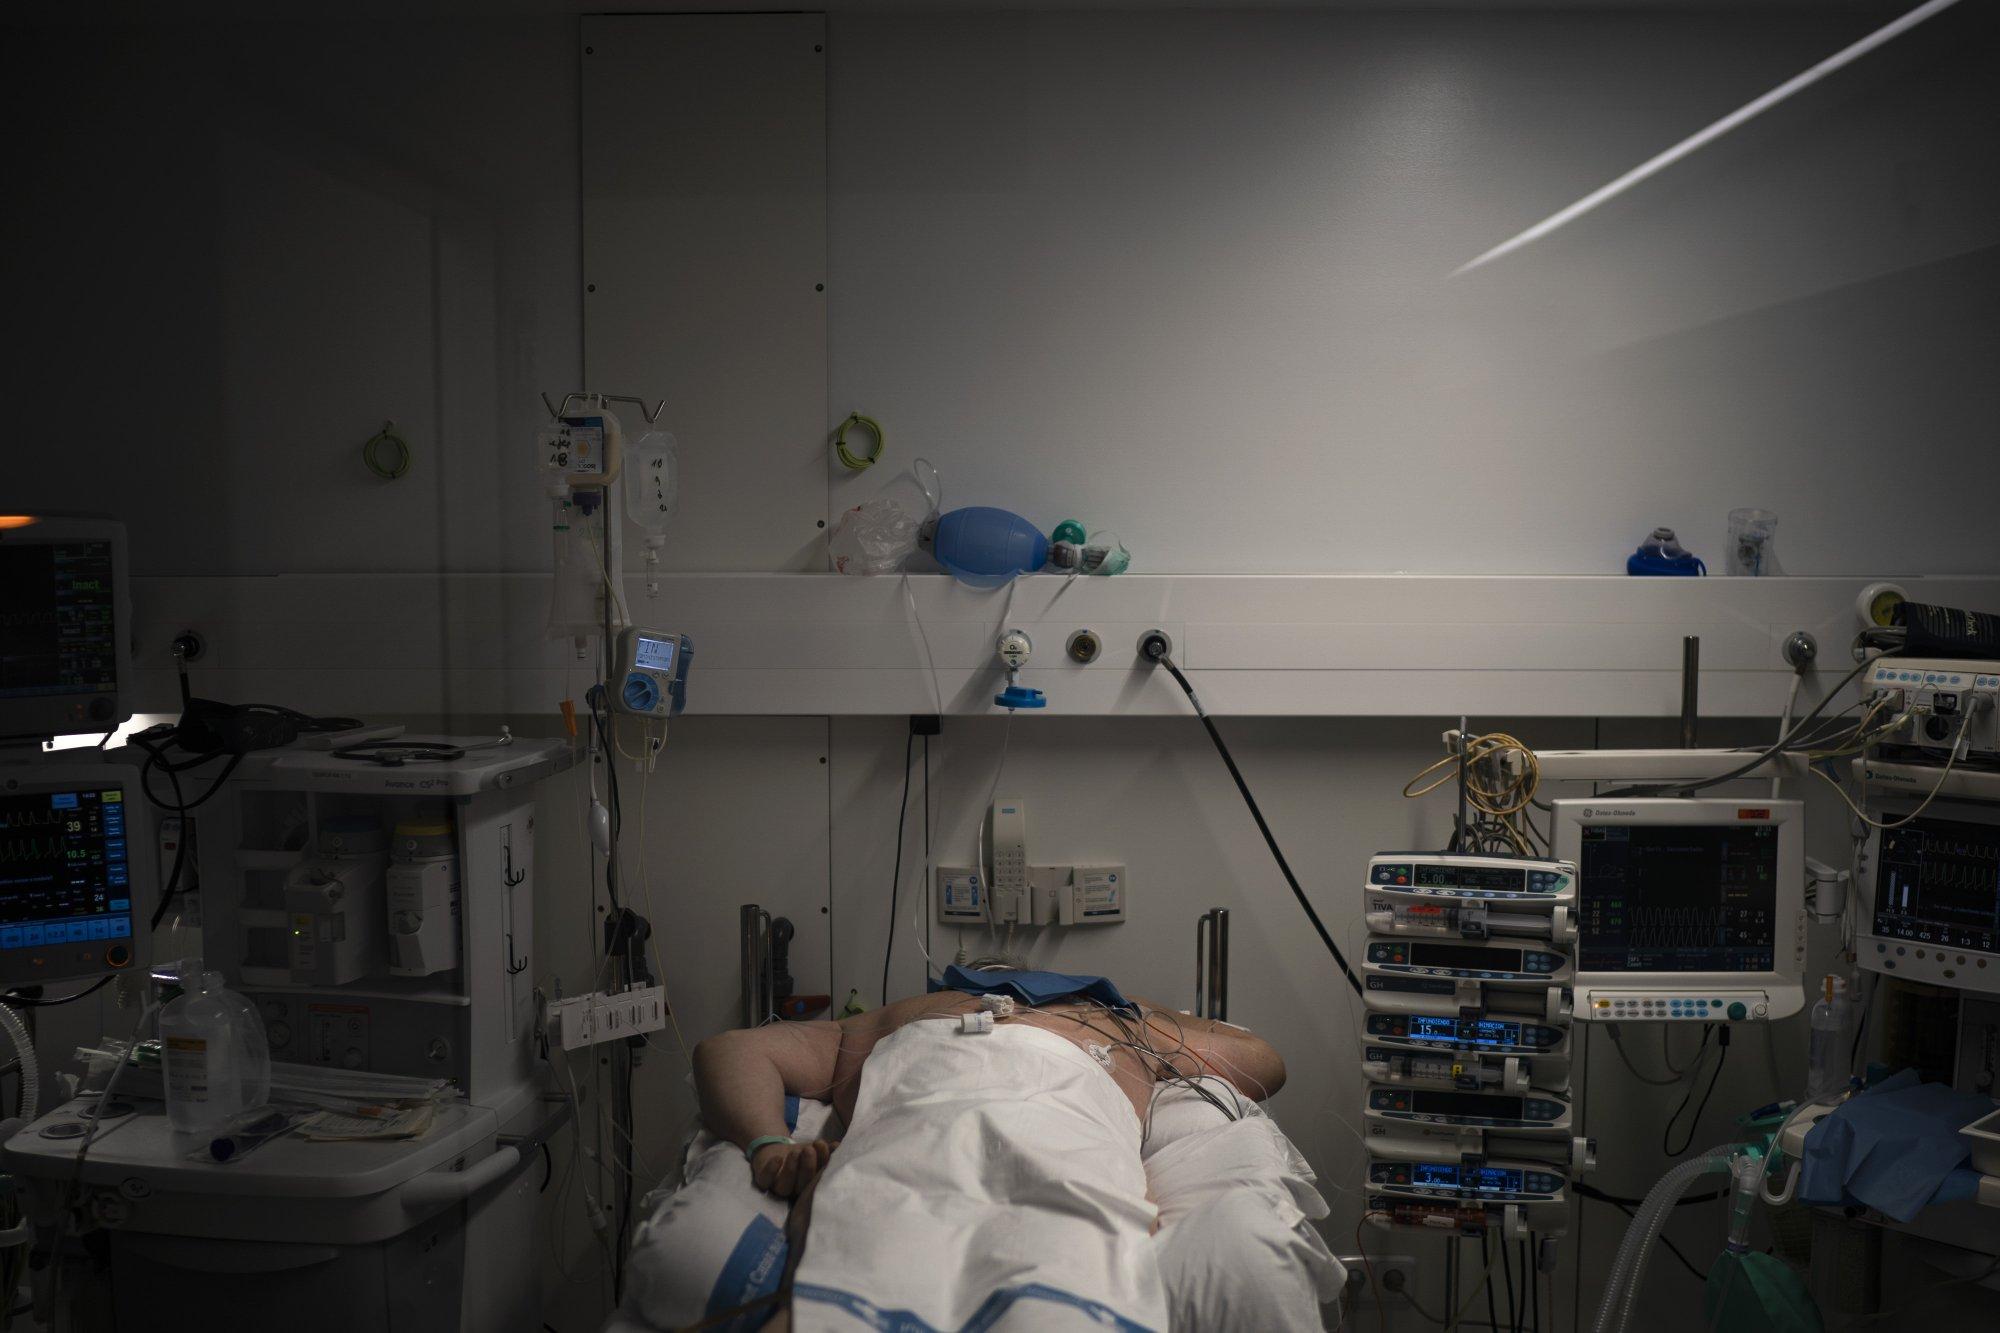 Un paciente con COVID-19 se somete a tratamiento en una de las unidades de cuidados intensivos (UCI) del hospital Germans Trias i Pujol en Badalona (AP Photo/Felipe Dana)